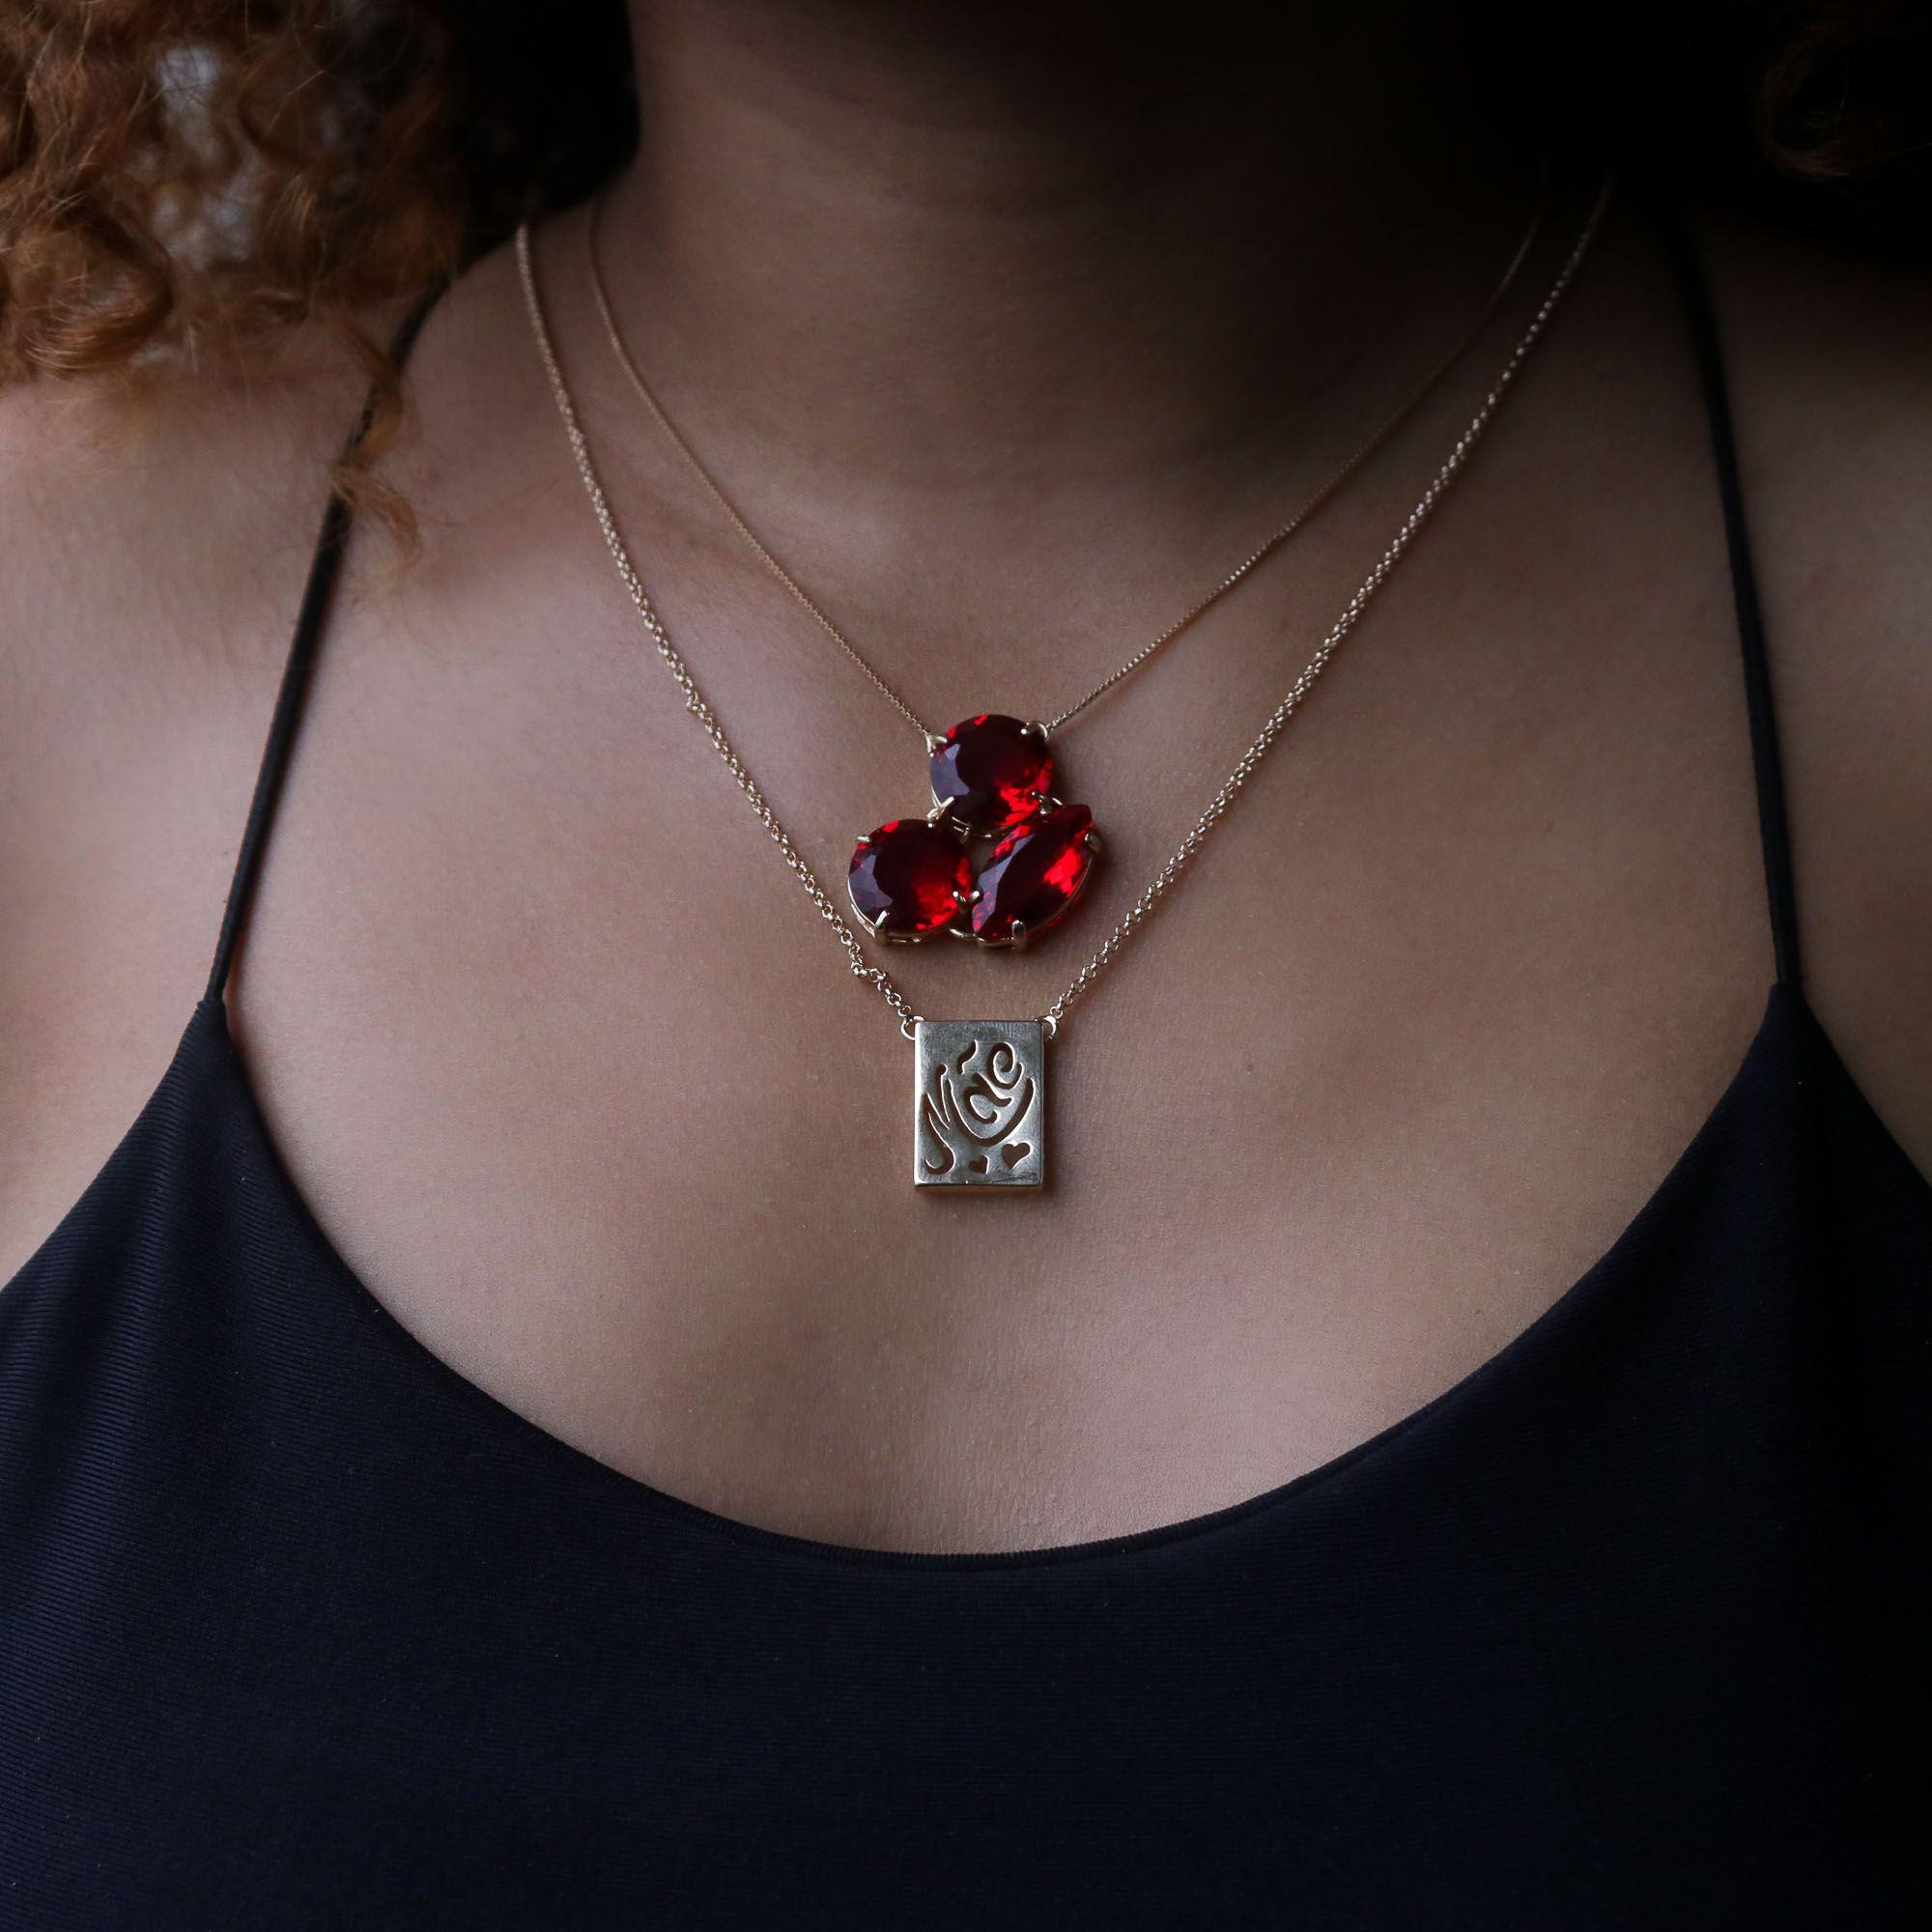 Colar Semi joia Escapulário Mãe banhado a ouro 18k ou rhodium